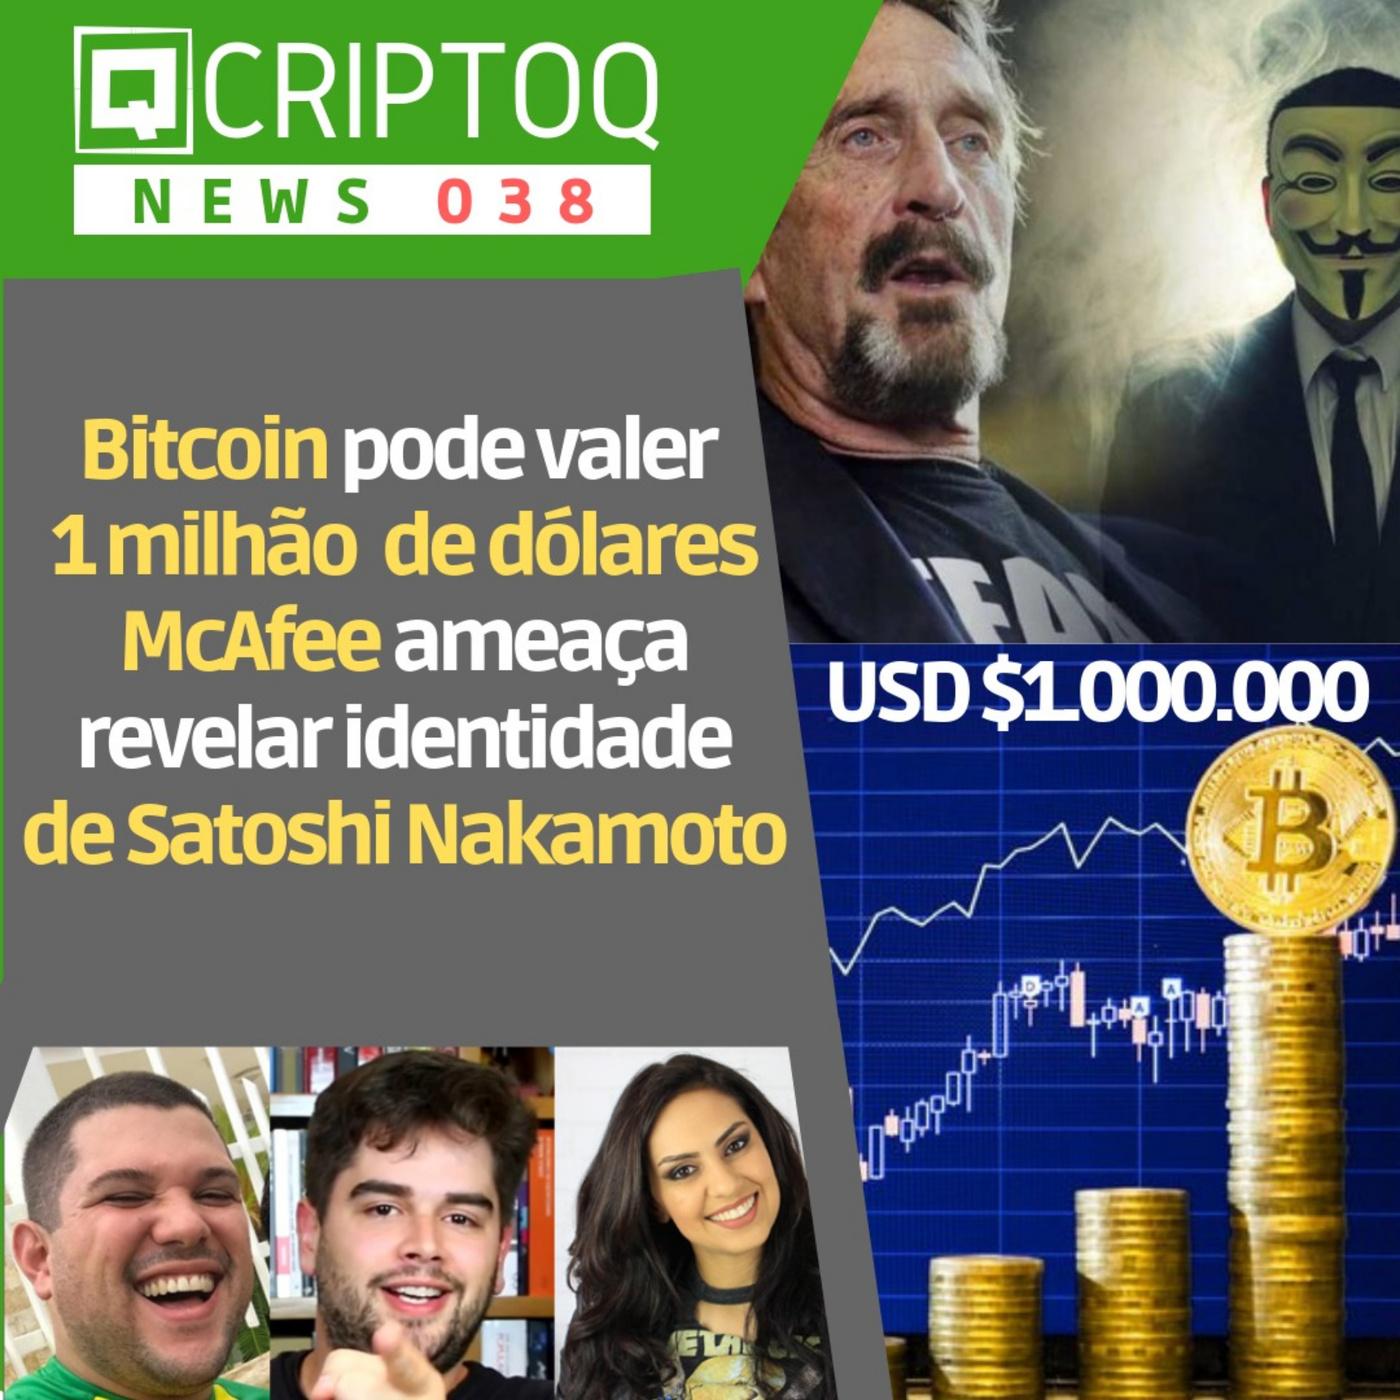 Bitcoin pode valer 1 milhão e McAfee ameaça revelar identidade de Satoshi Nakamoto